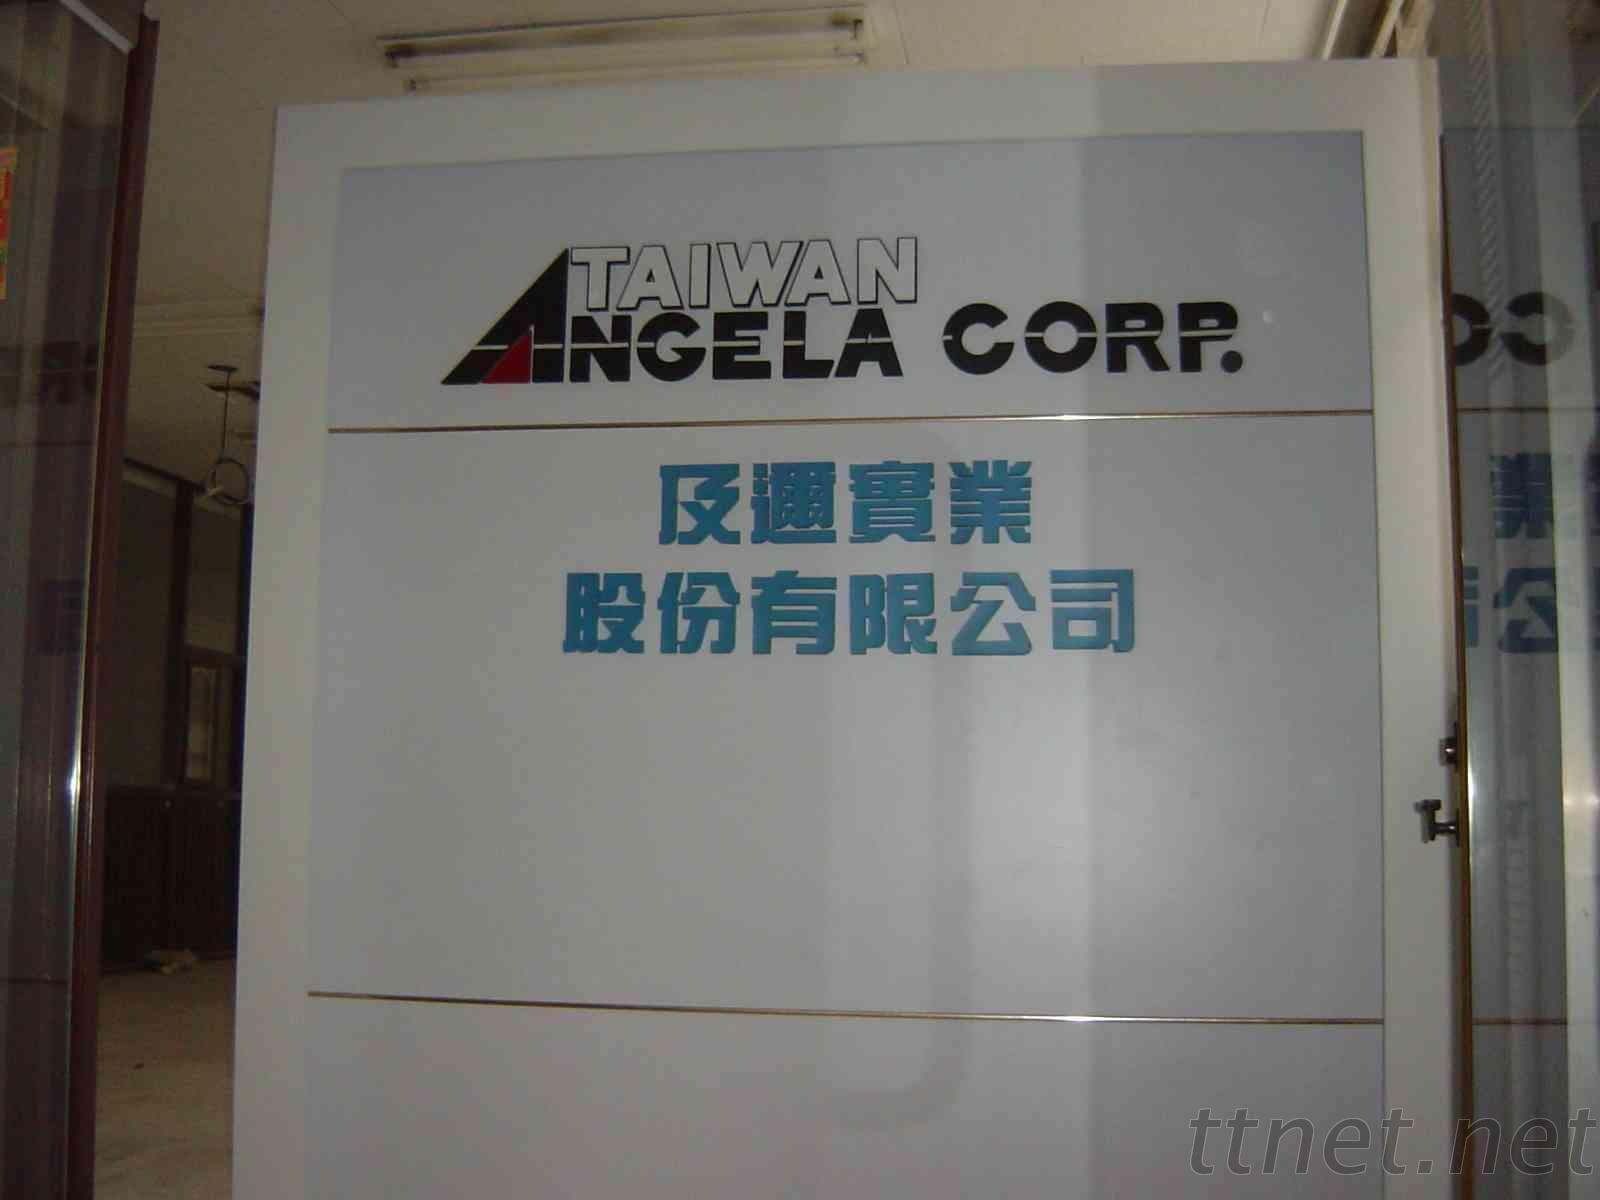 Taiwan Angela Corp.